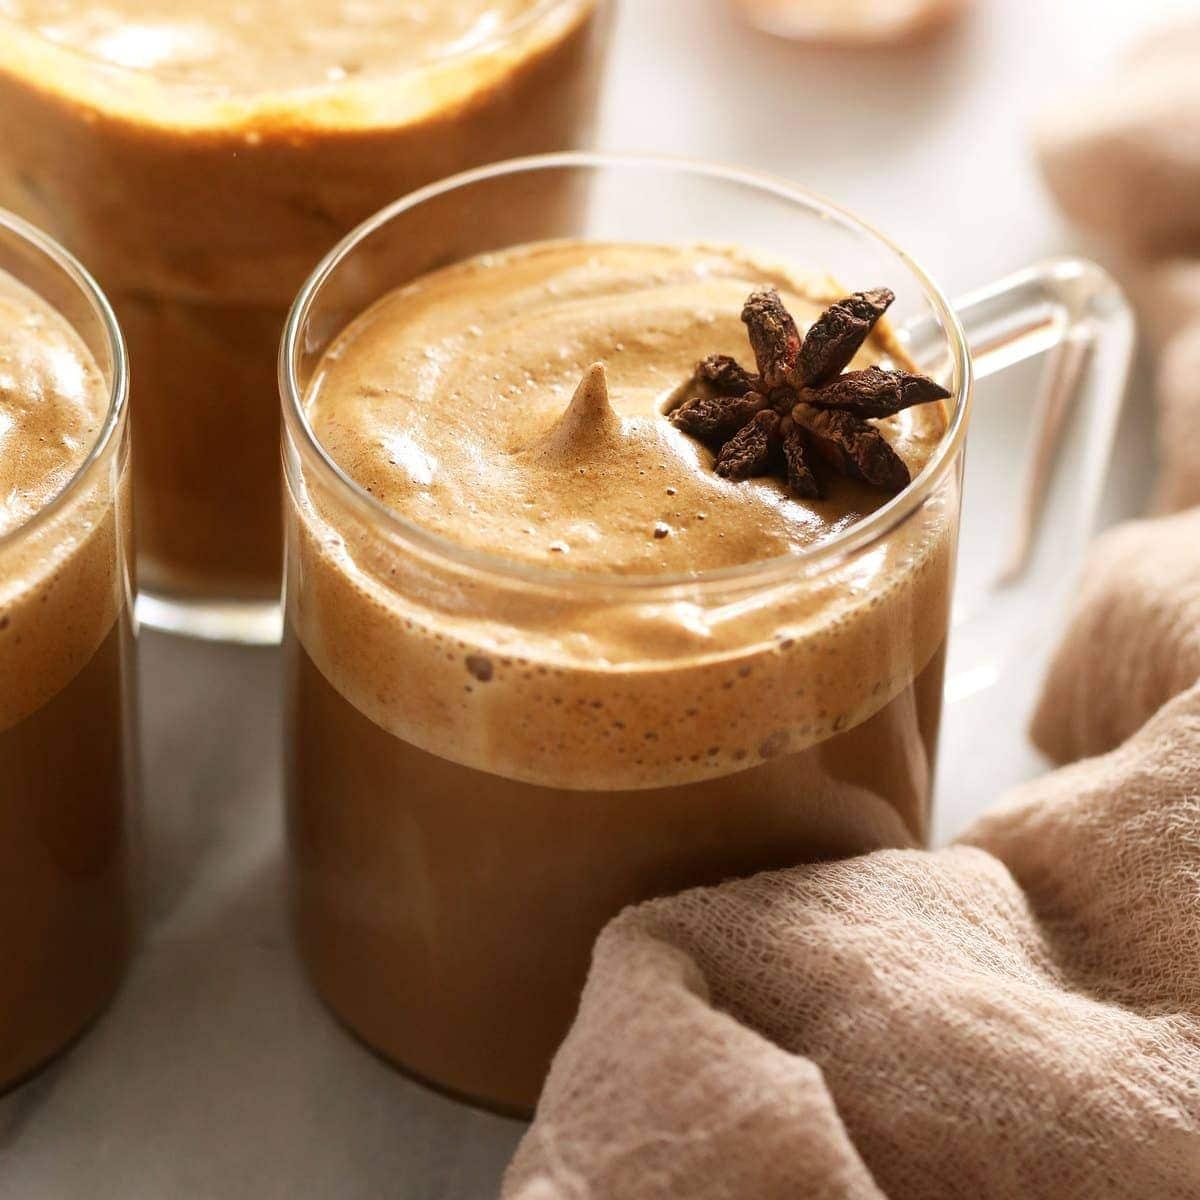 Pumpkin spice dalgona coffee in a cup.